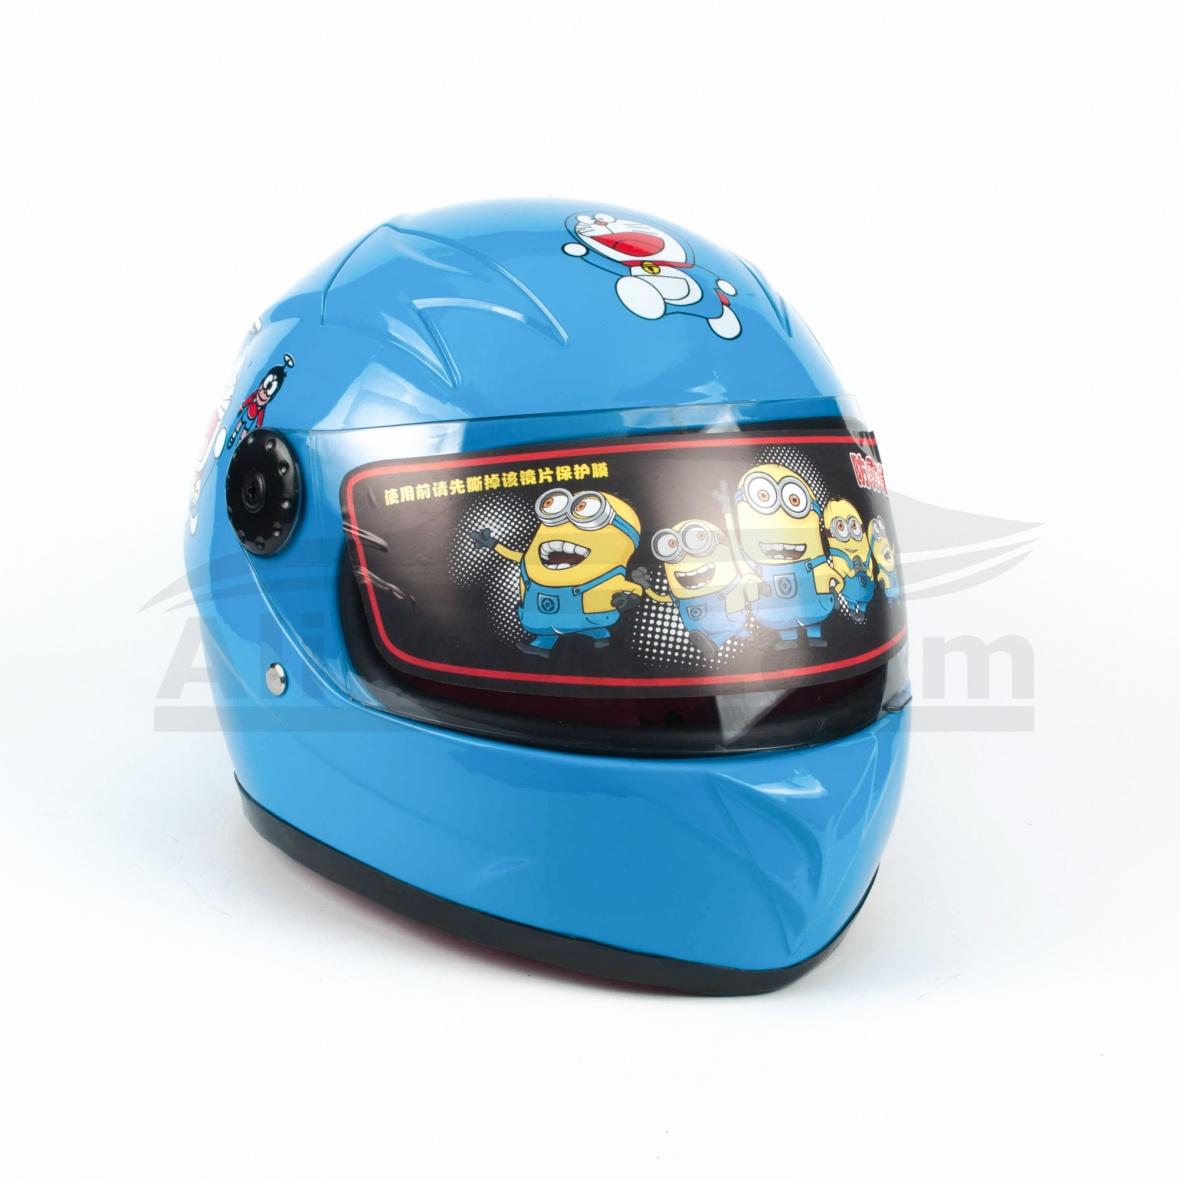 Детска Каска за Мотор, Скутер, Мотопед, АТВ – син